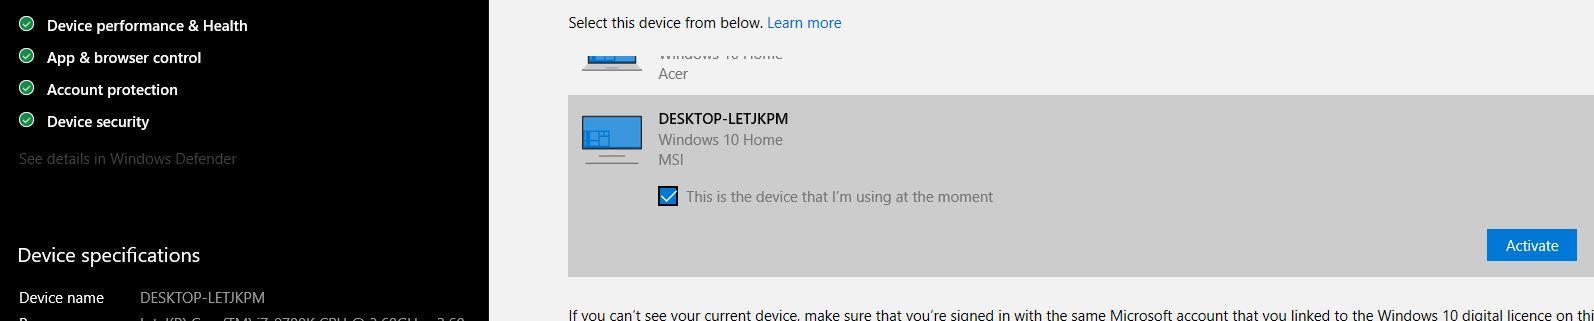 windows activation after hardware change ea885f44-0904-47ad-9b15-bebee3fc4d02?upload=true.jpg